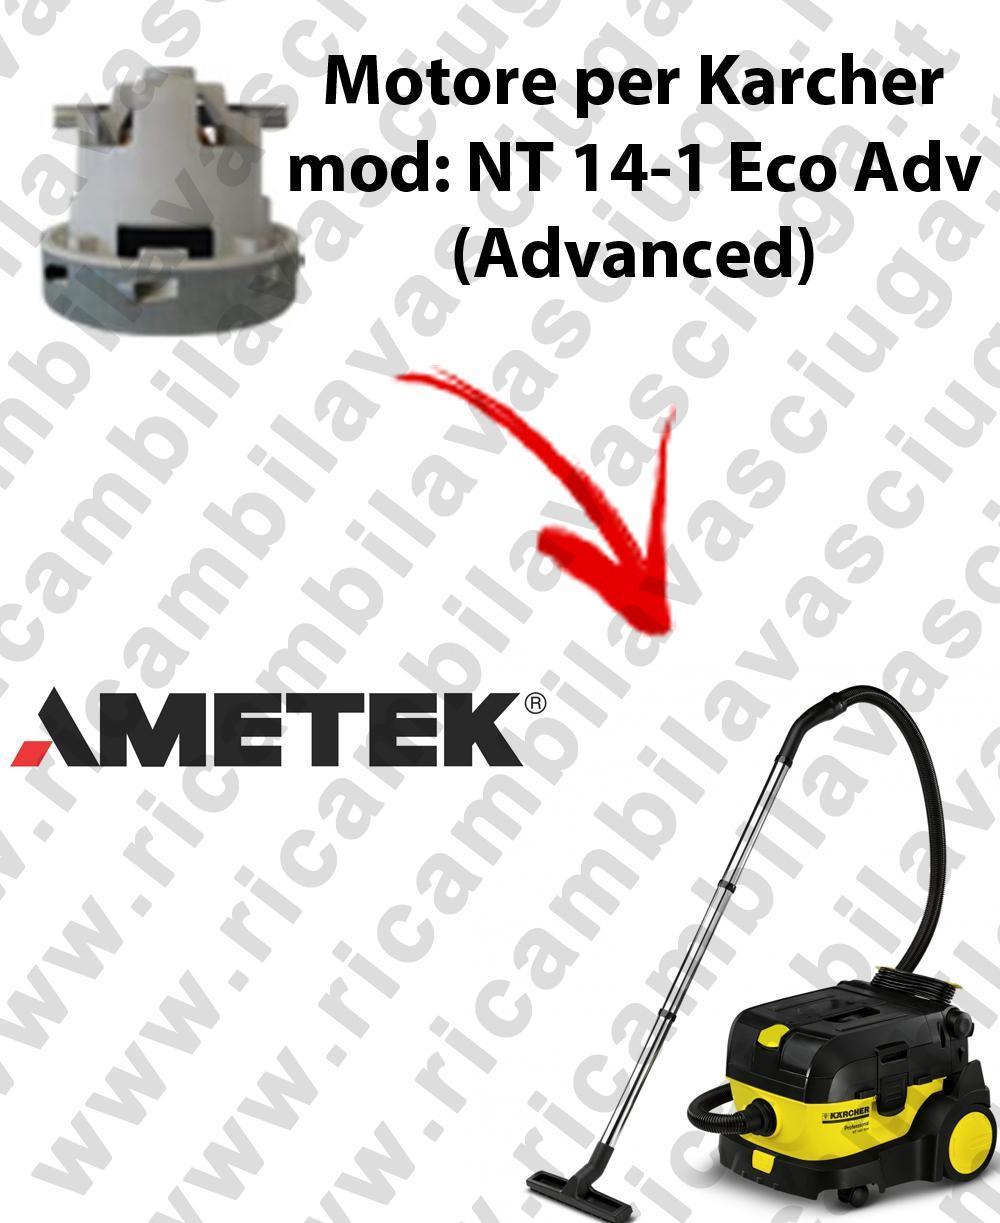 NT 14-1 Eco ADV (Advanced) Saugmotor AMETEK für Staubsauger KARCHER